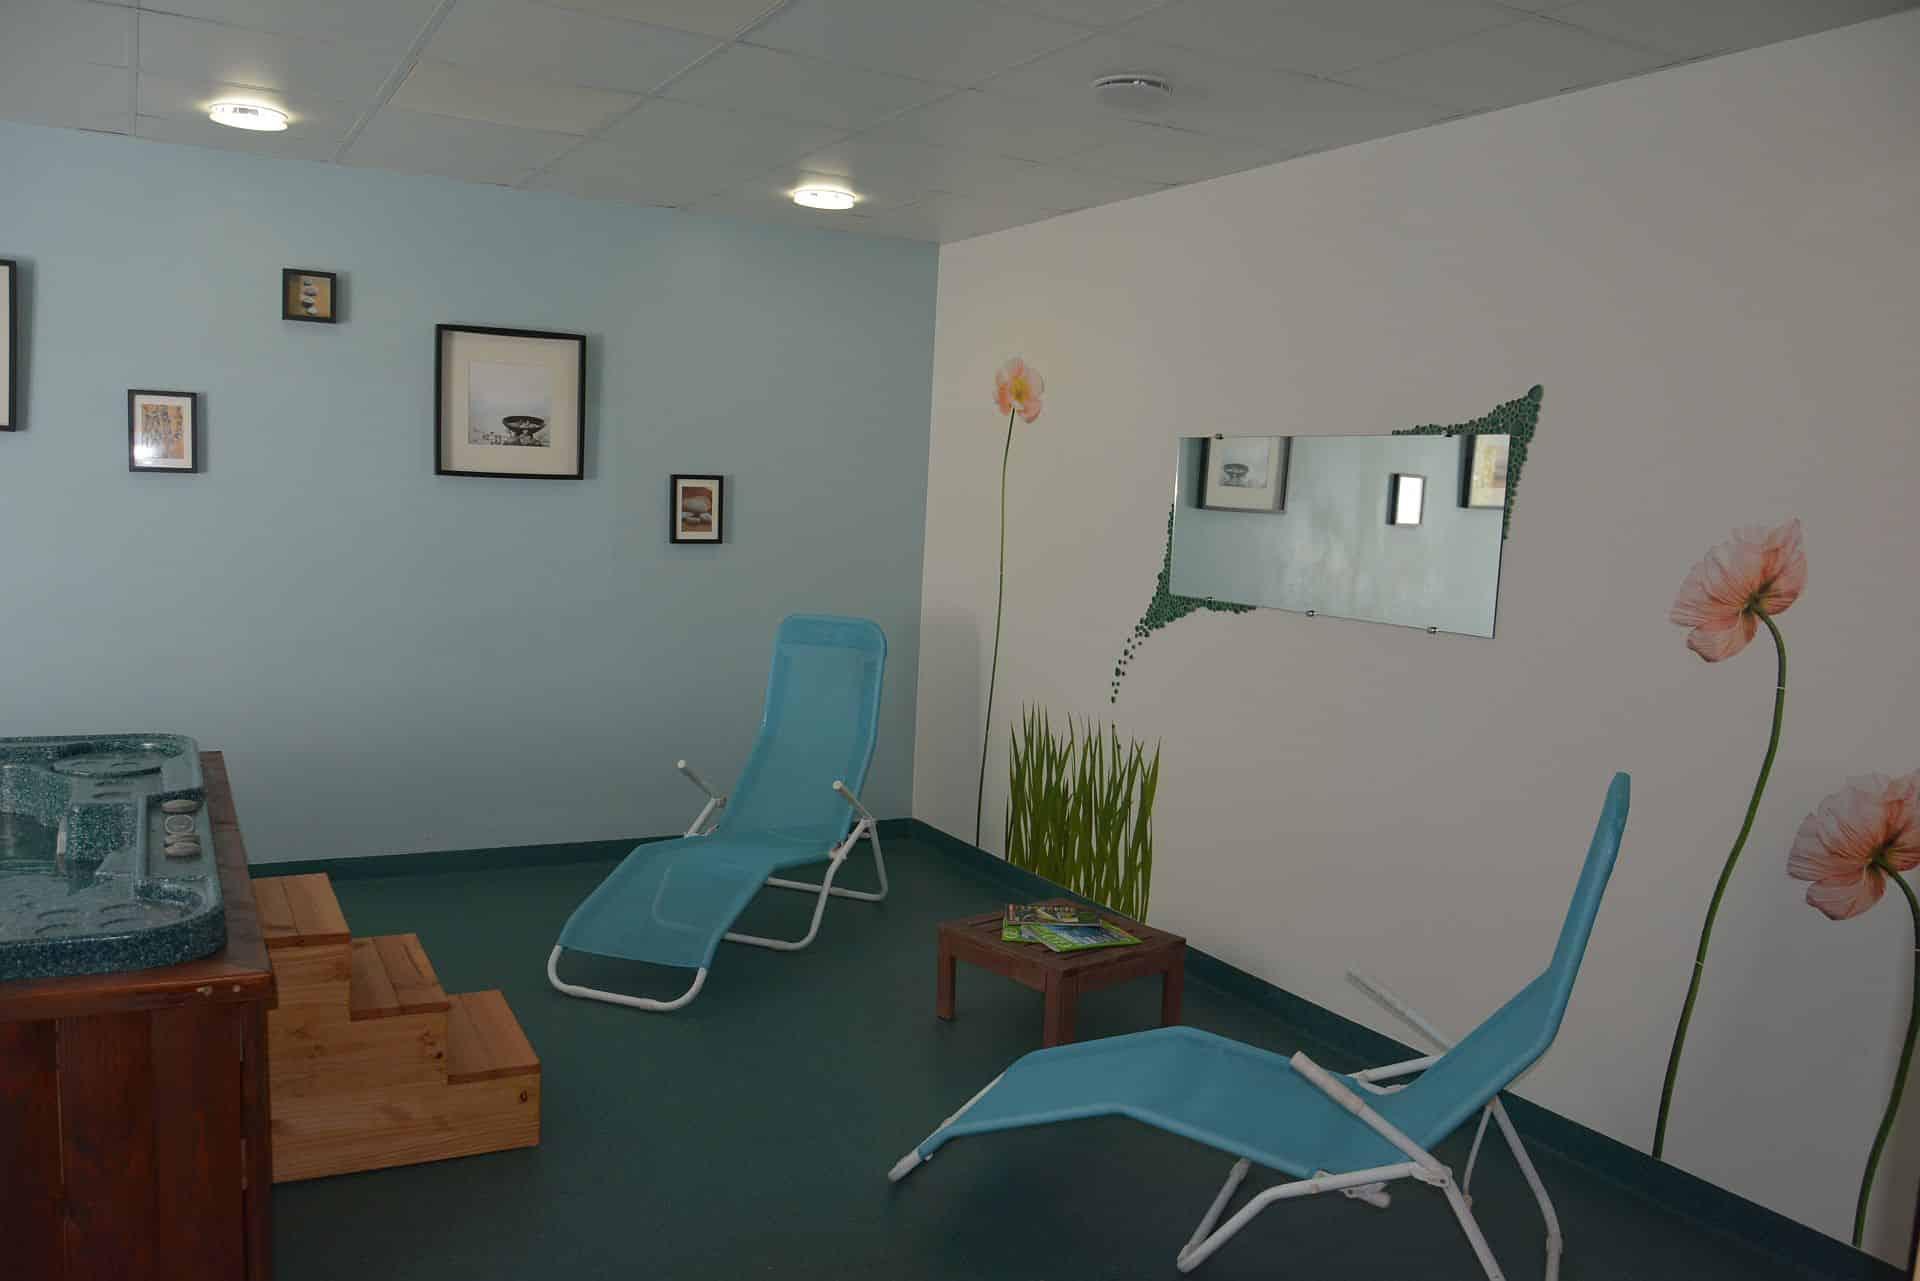 Spa et sauna les forges d enfalits chambre d 39 h te g te - Chambre d hote couleur bois et spa ...